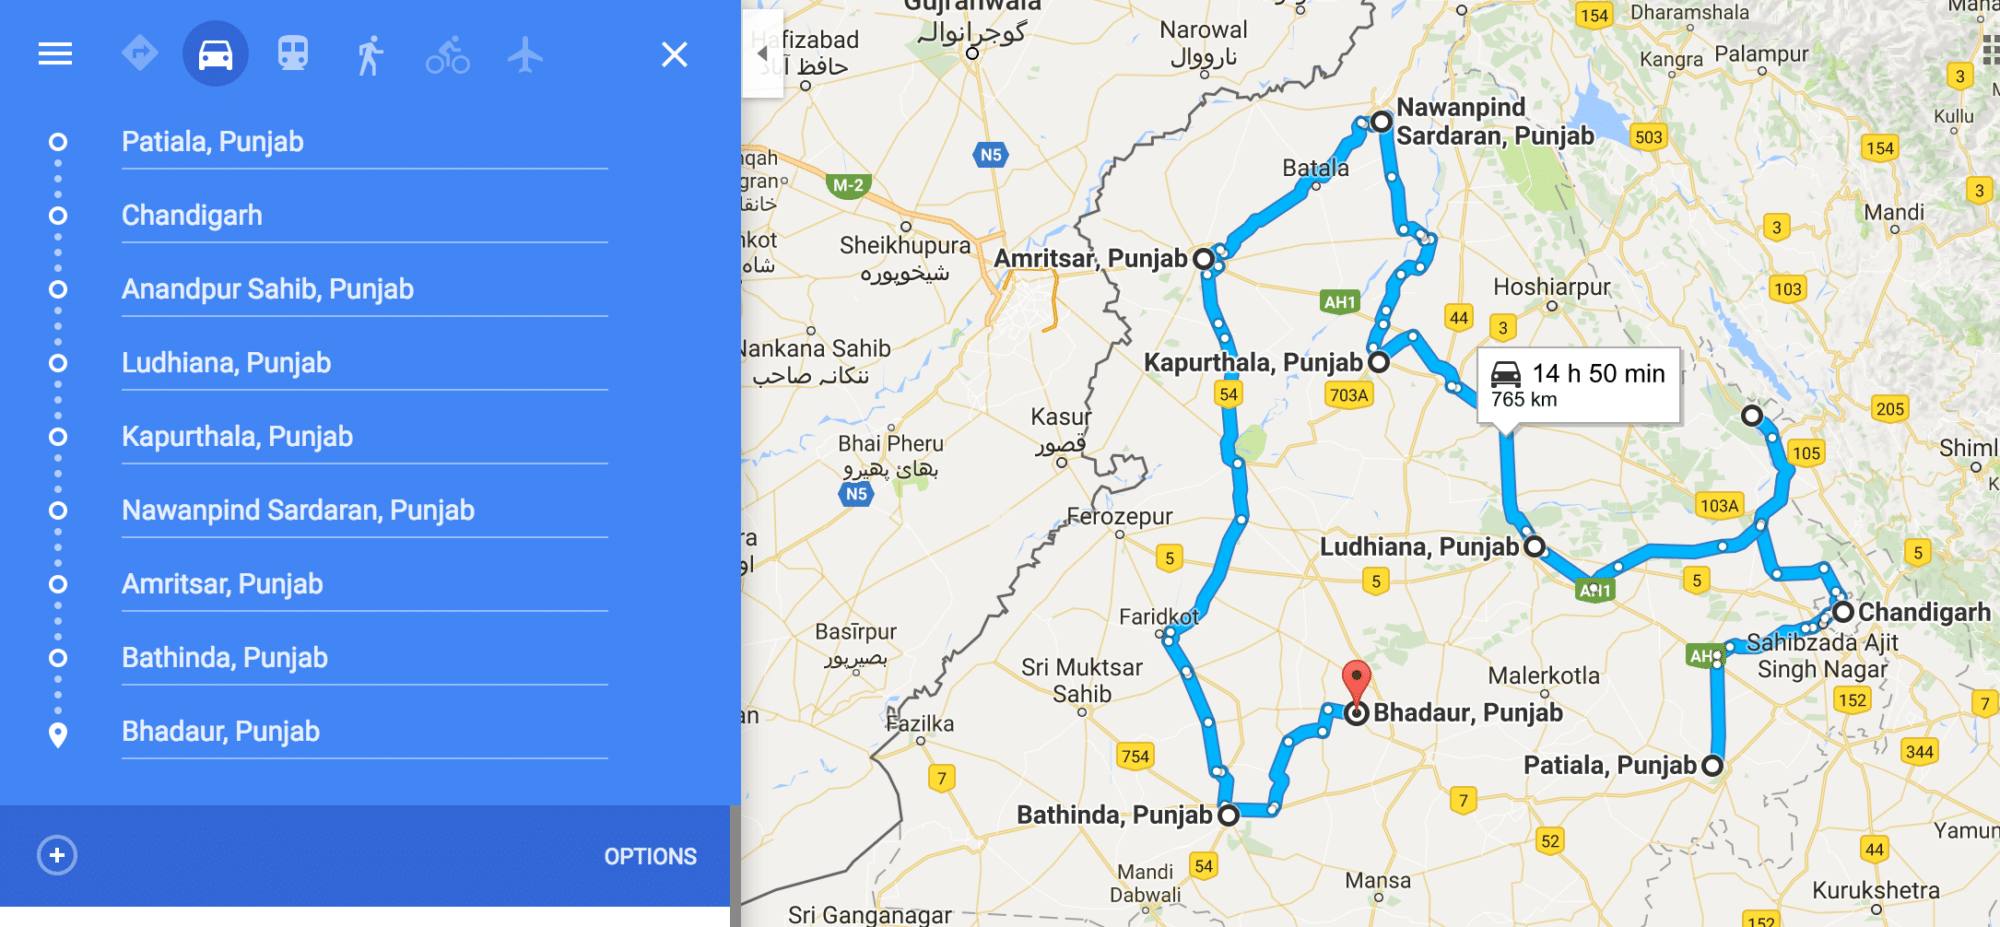 Punjab travel itinerary